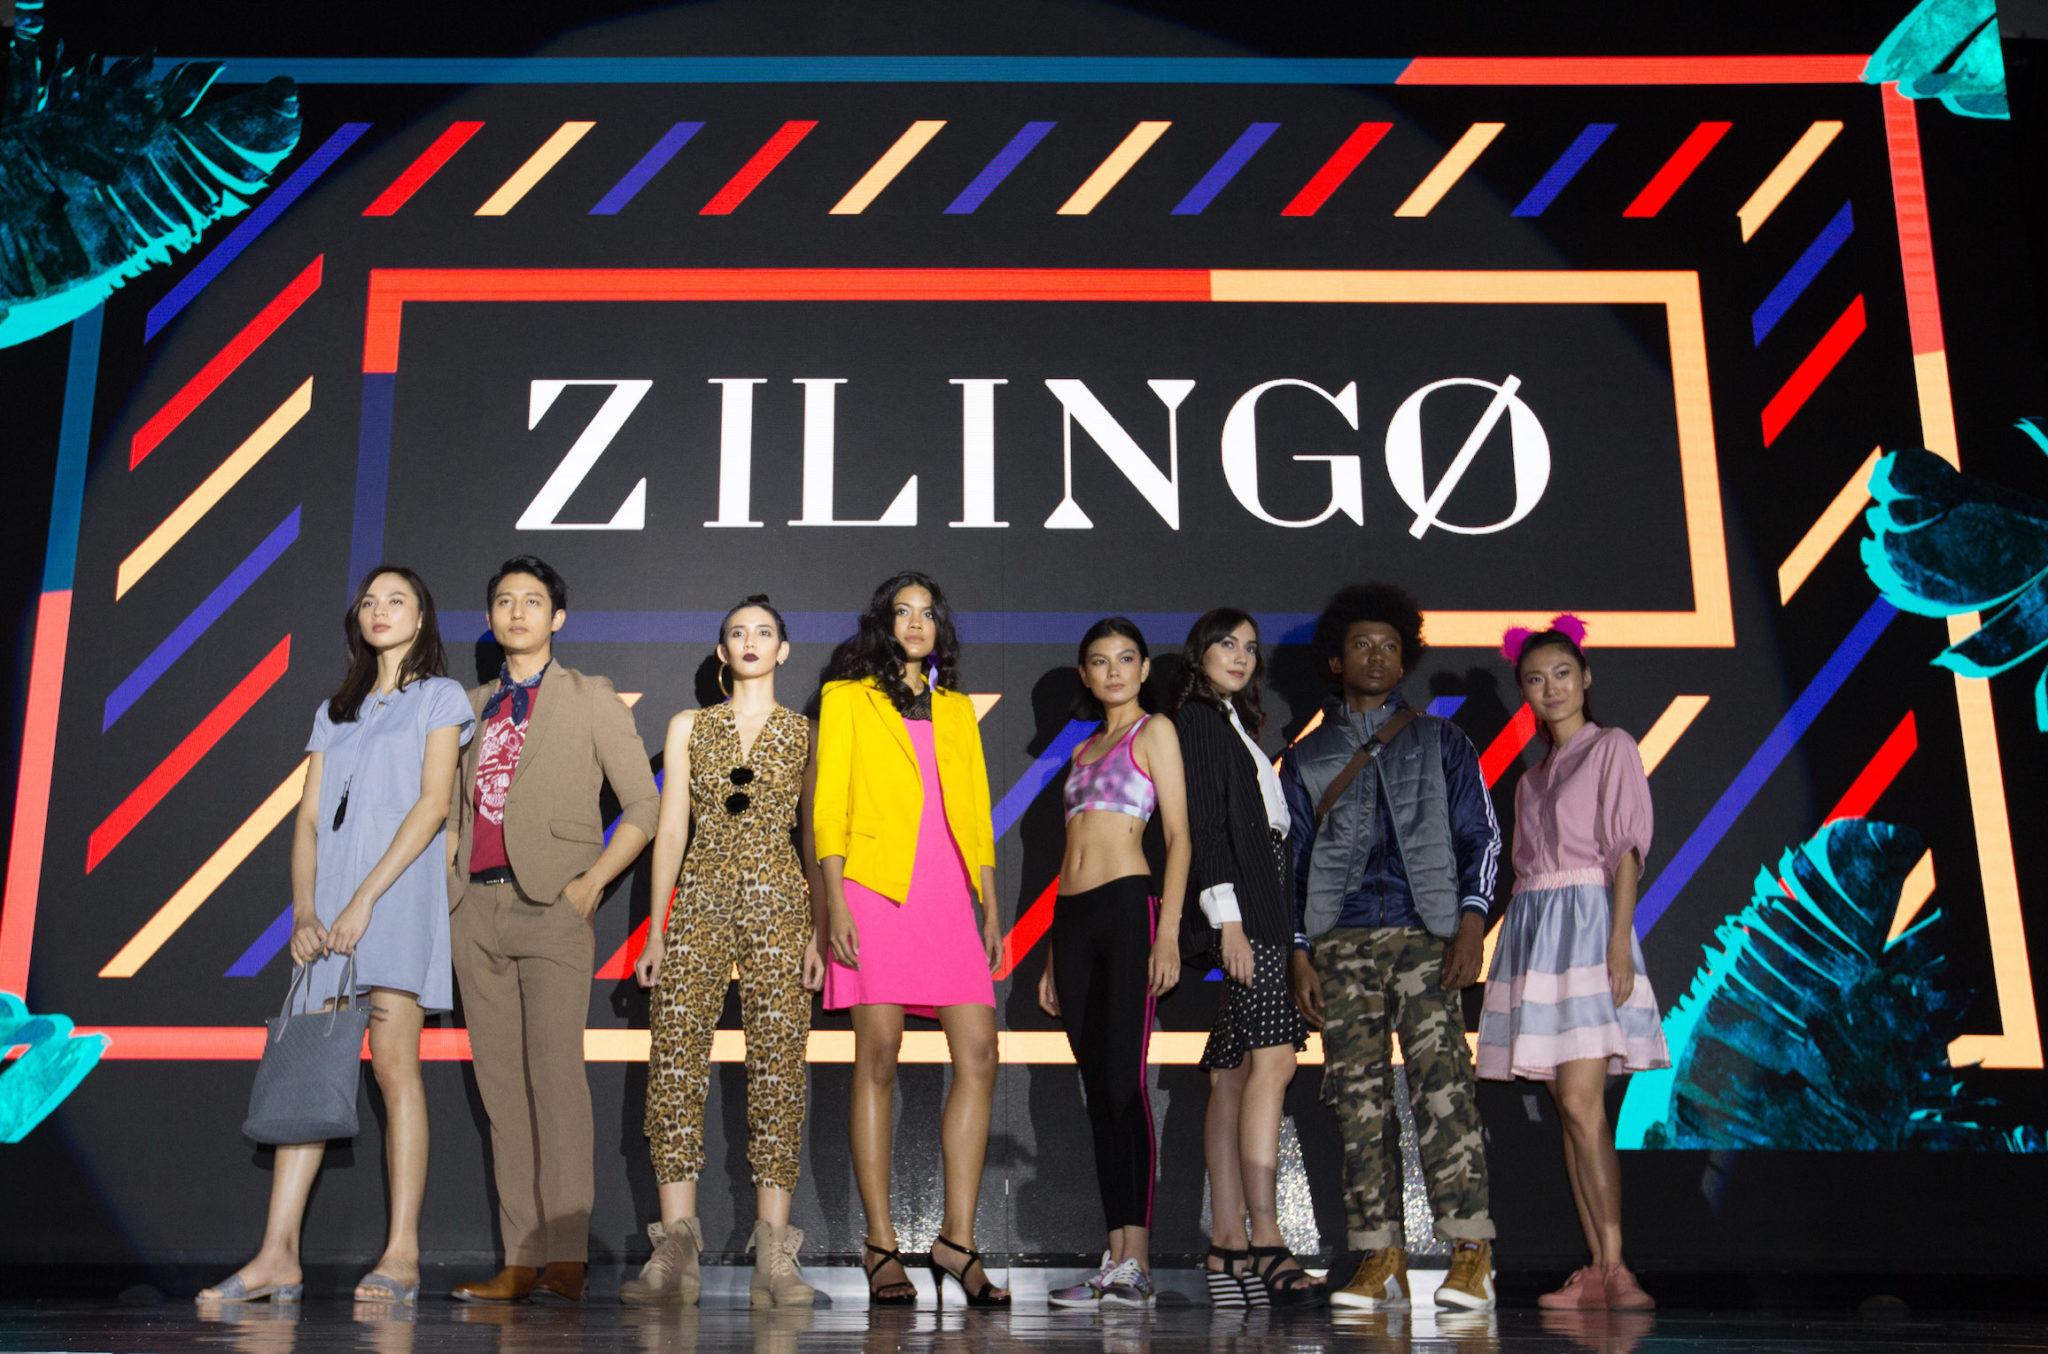 新加坡时装电商 Zilingo 委任前花旗集团总经理为其首位财务总监